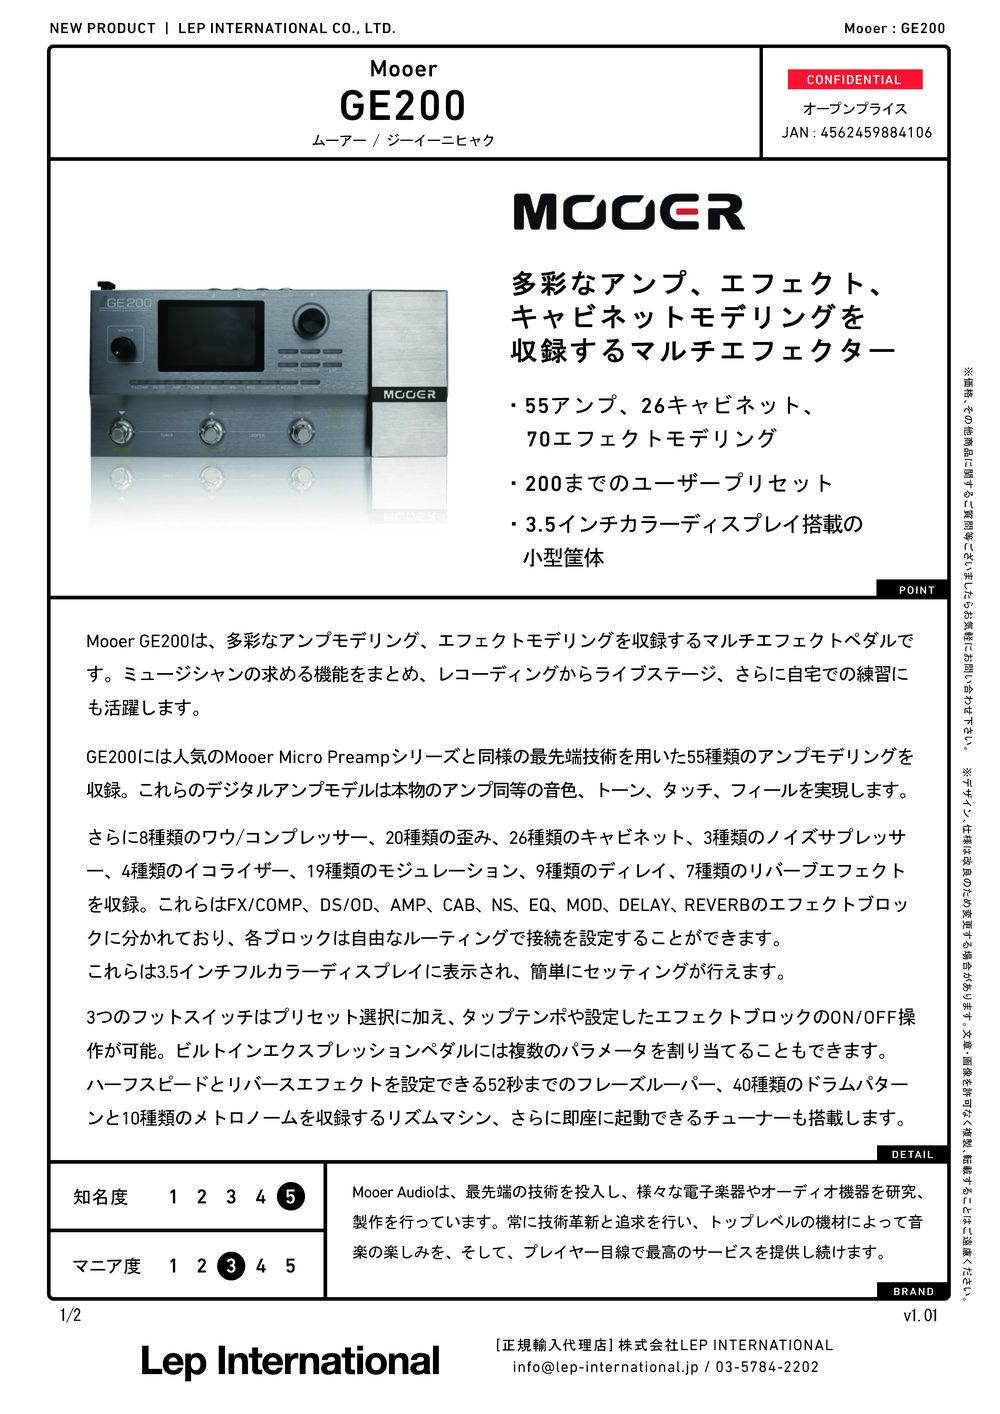 mooer ge200 v1.01_ページ_1.jpg